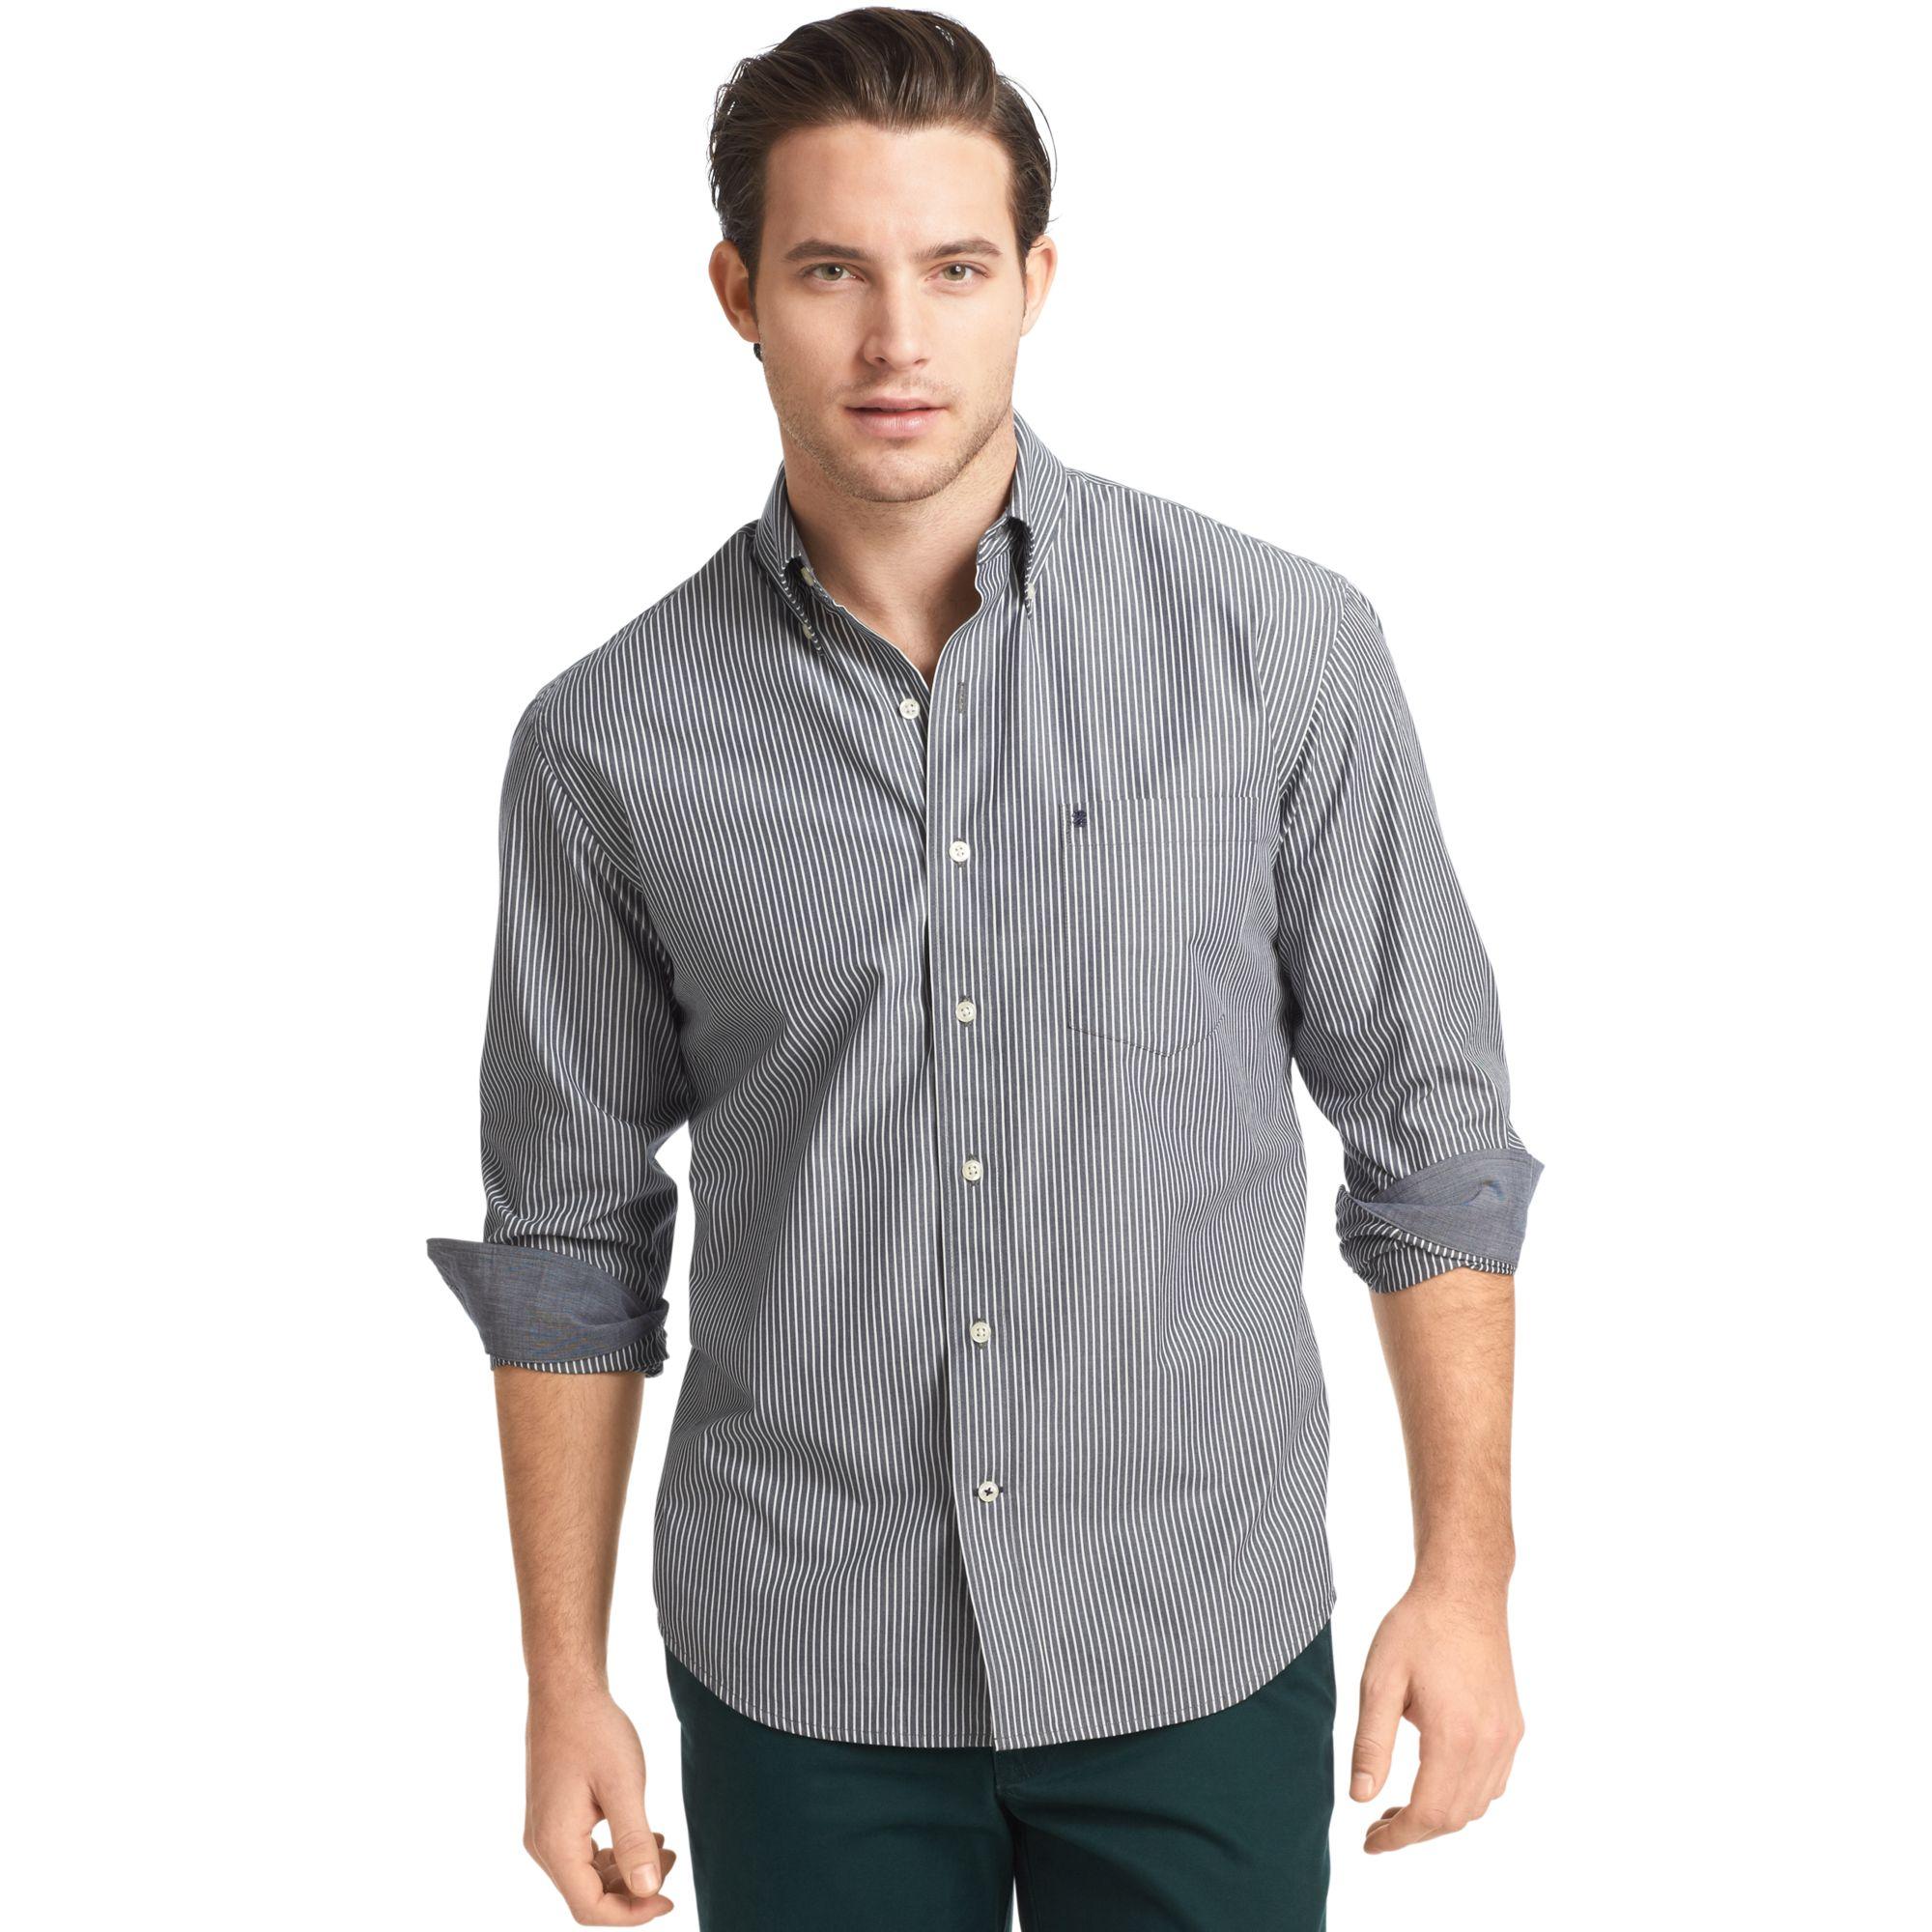 Izod izod big and tall shirt essential long sleeve striped for Izod big and tall shirts